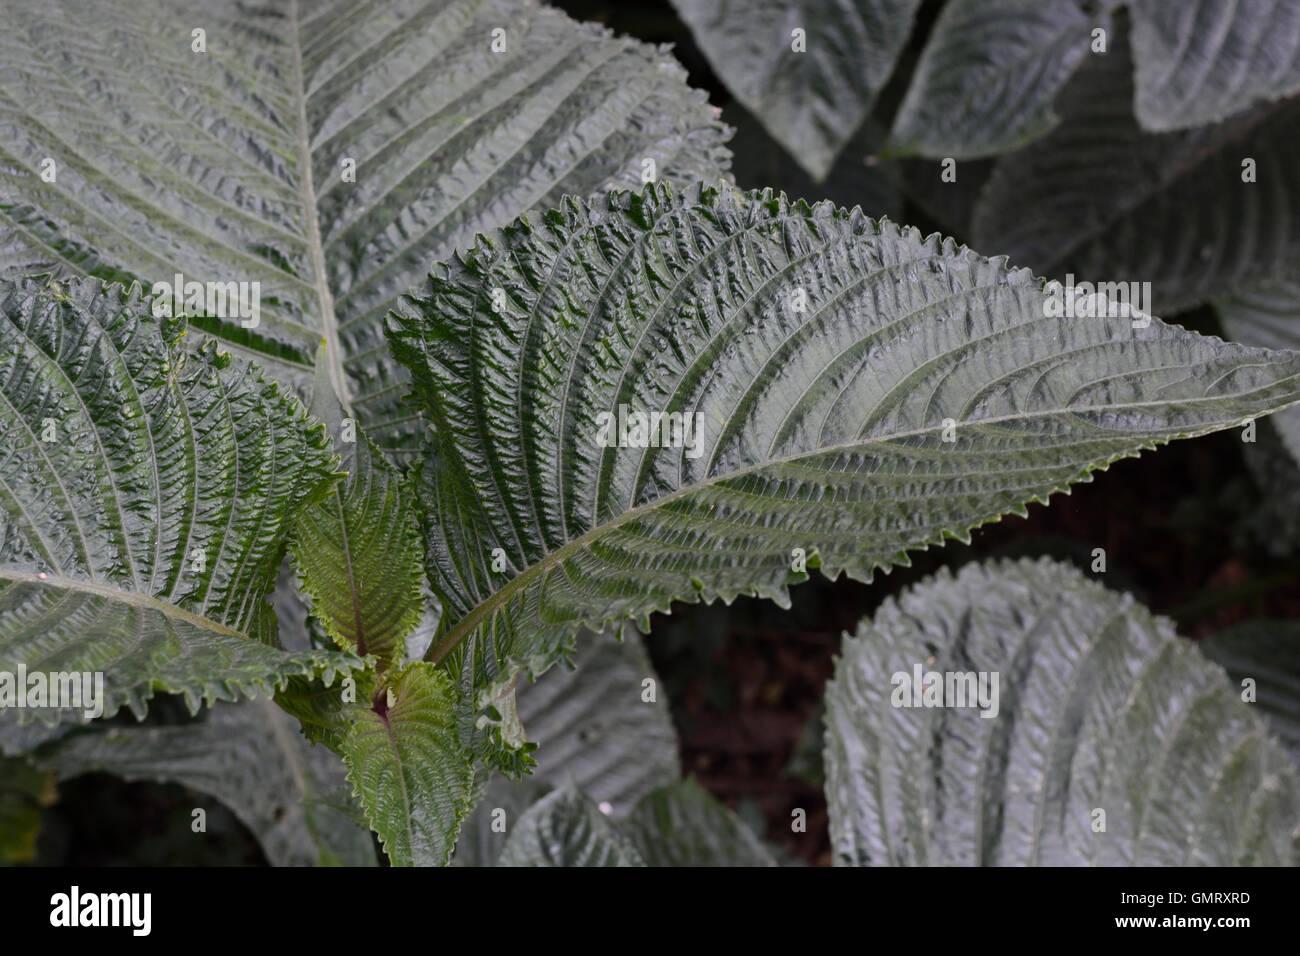 Hojas de color verde oscuro con textura para fondos con fuertes venas Imagen De Stock